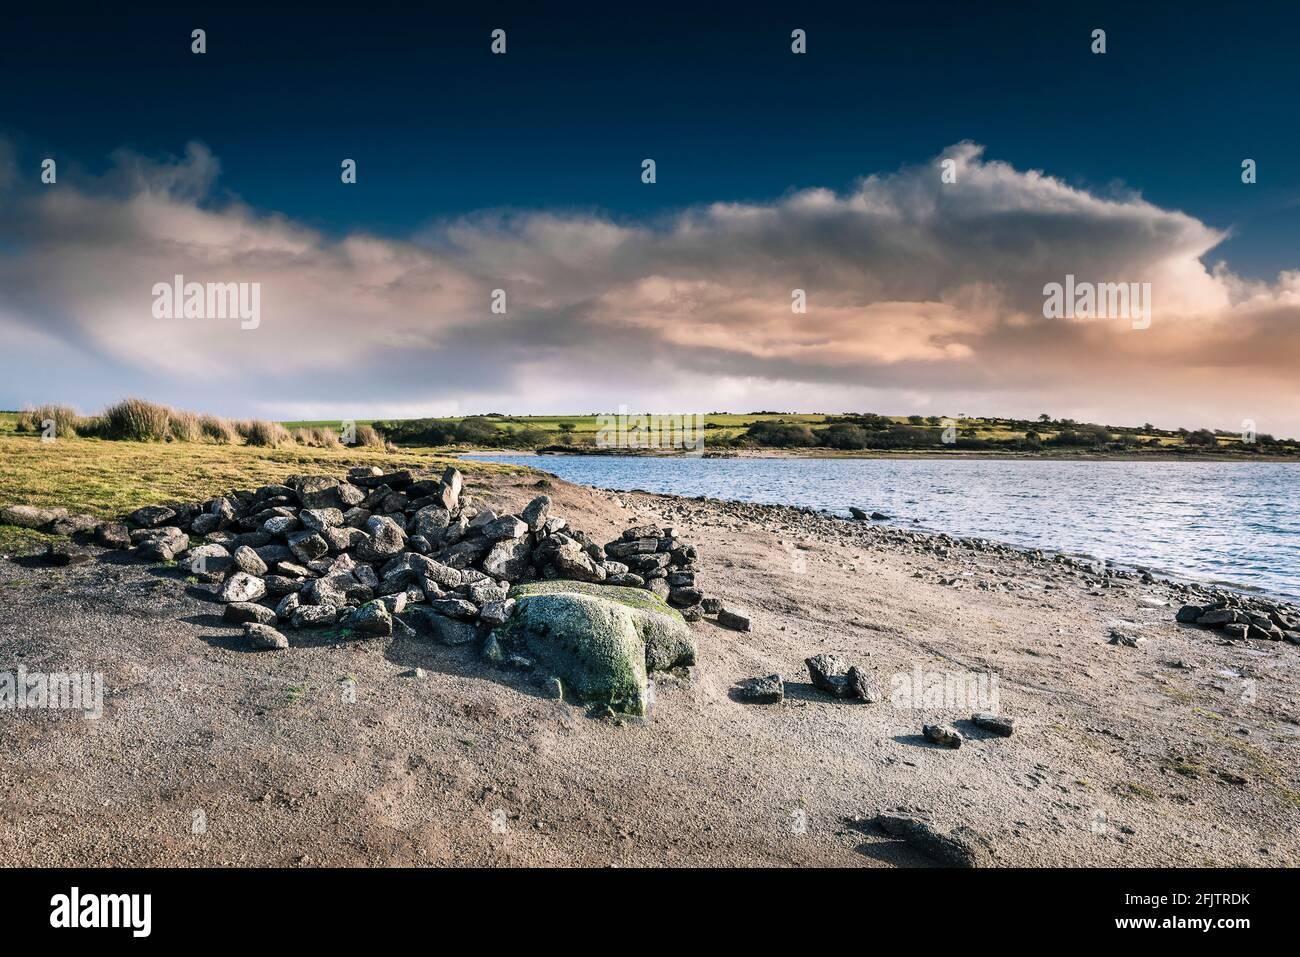 Une pile de rochers sur la rive du lac Colliford, sur la Moor Bodmin, dans les Cornouailles. Banque D'Images